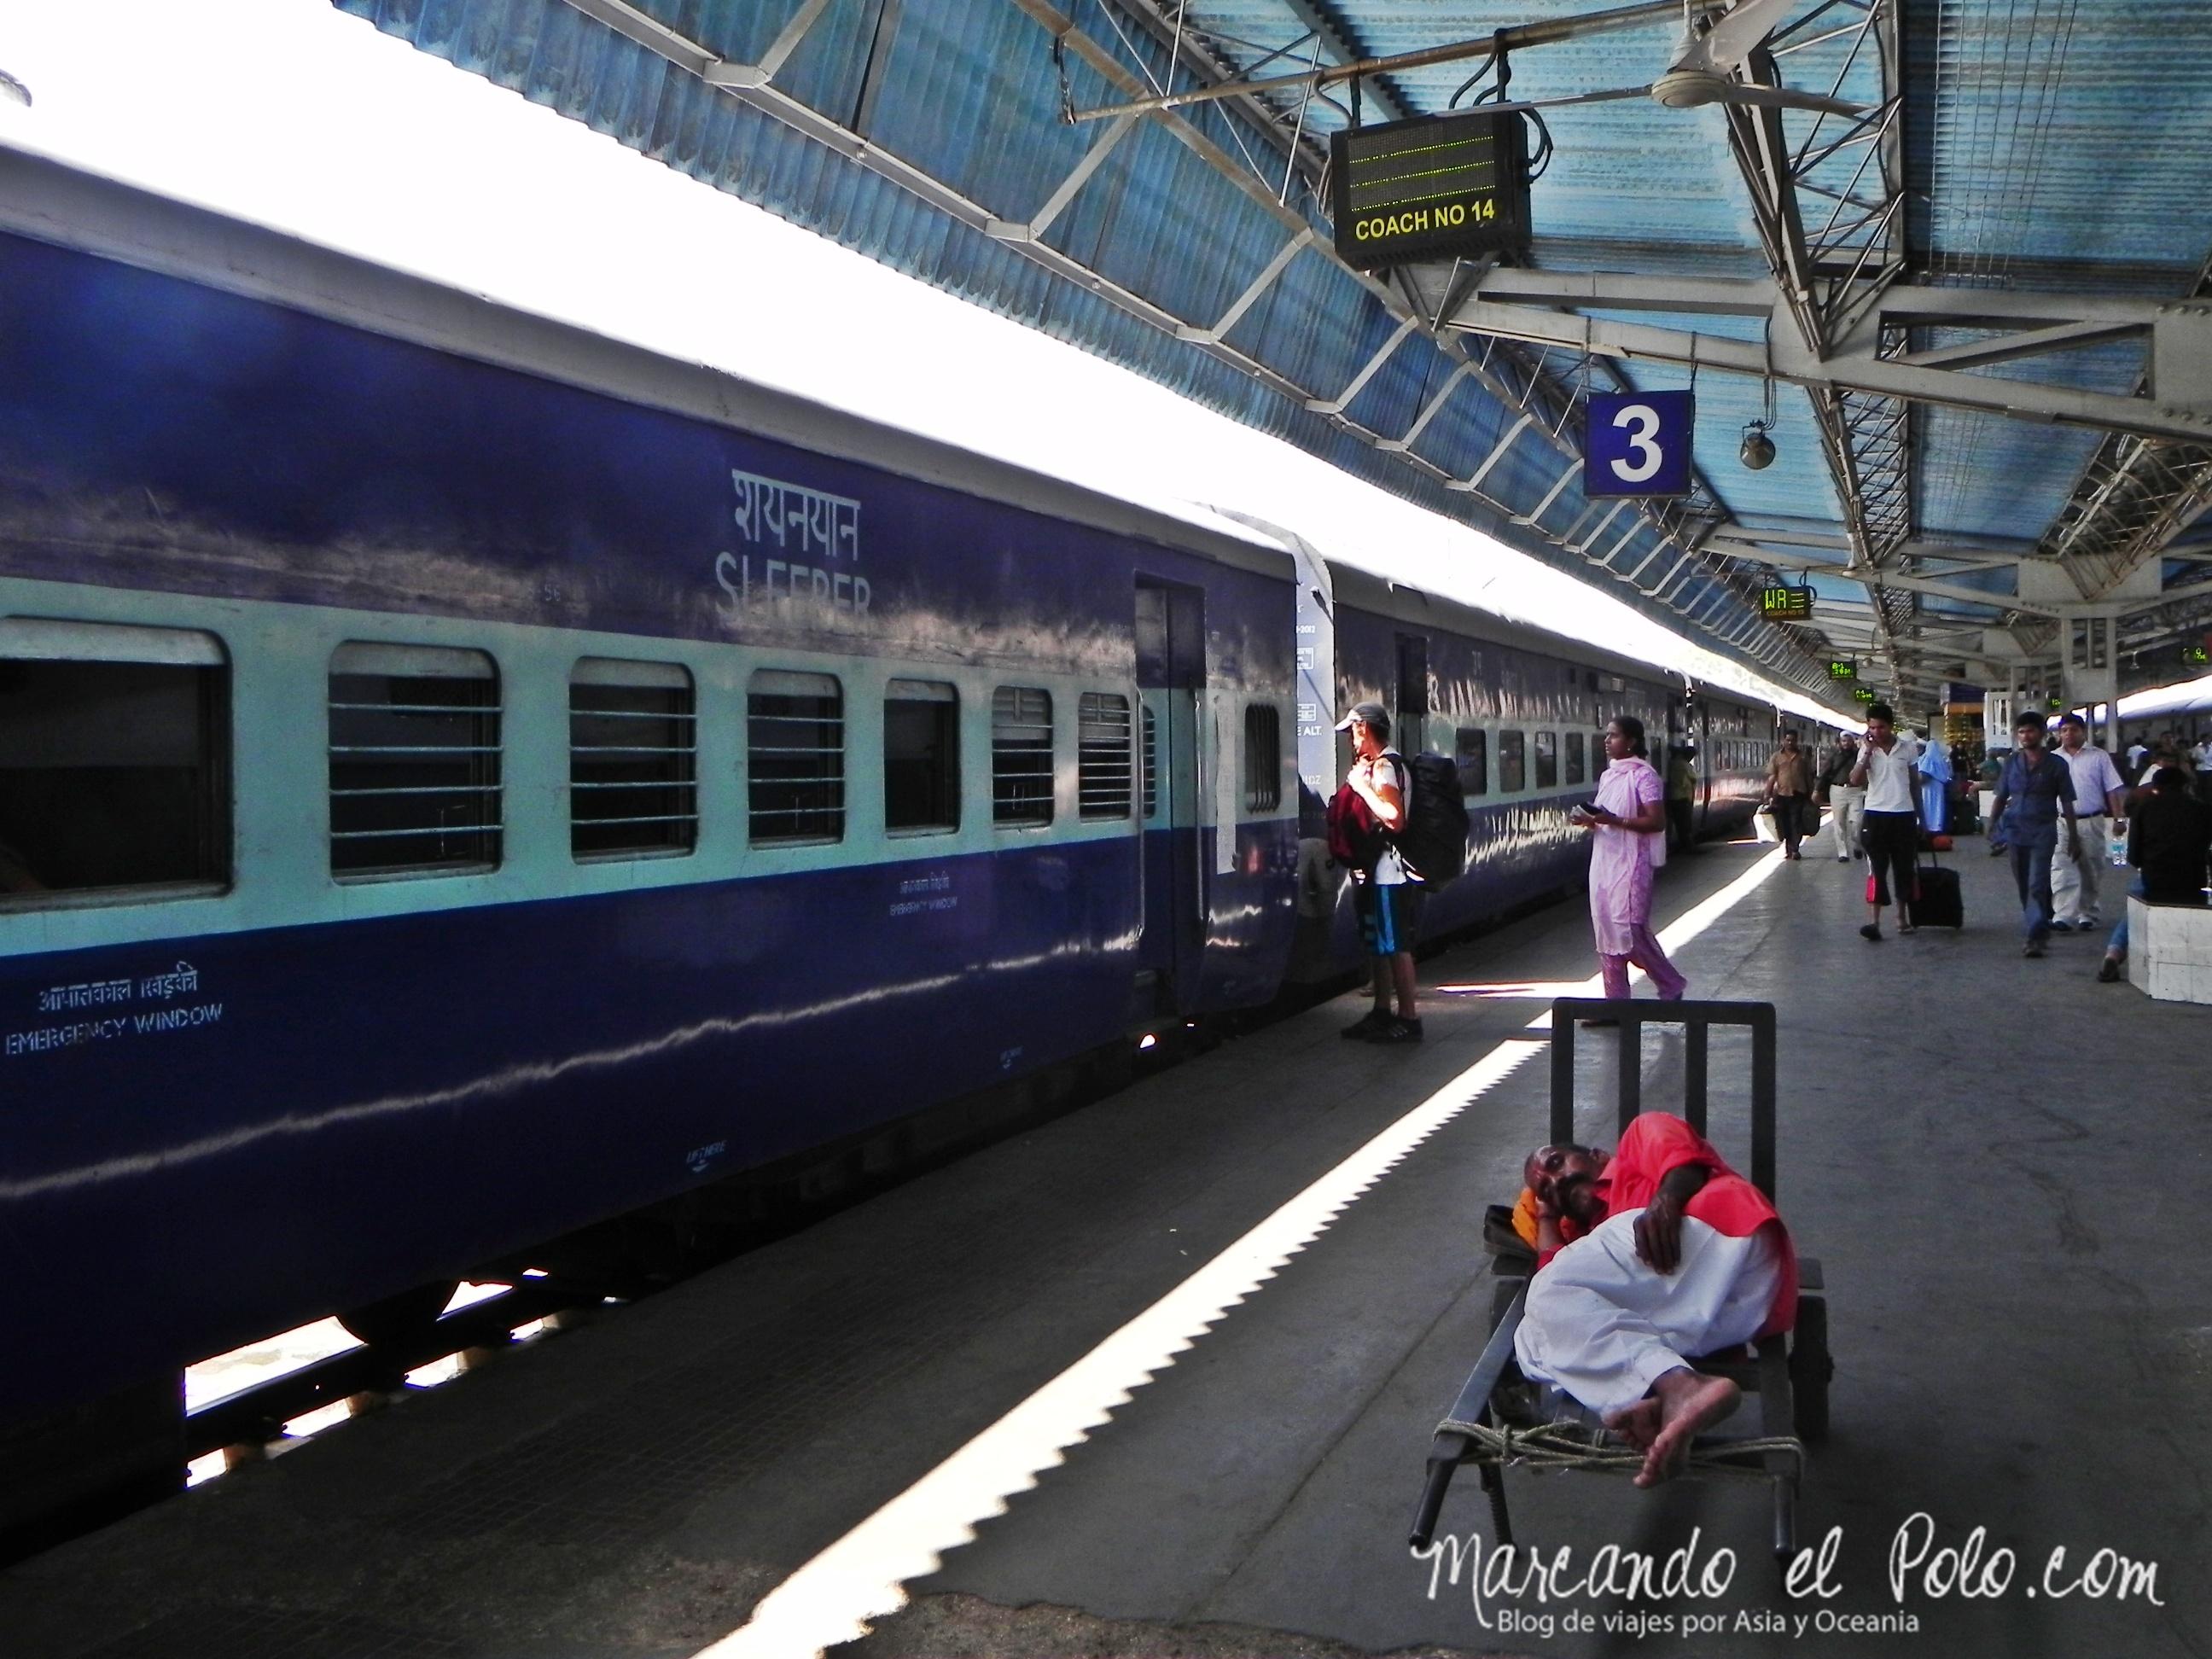 Presupuesto para viajar a India: Terminal de trenes New Delhi